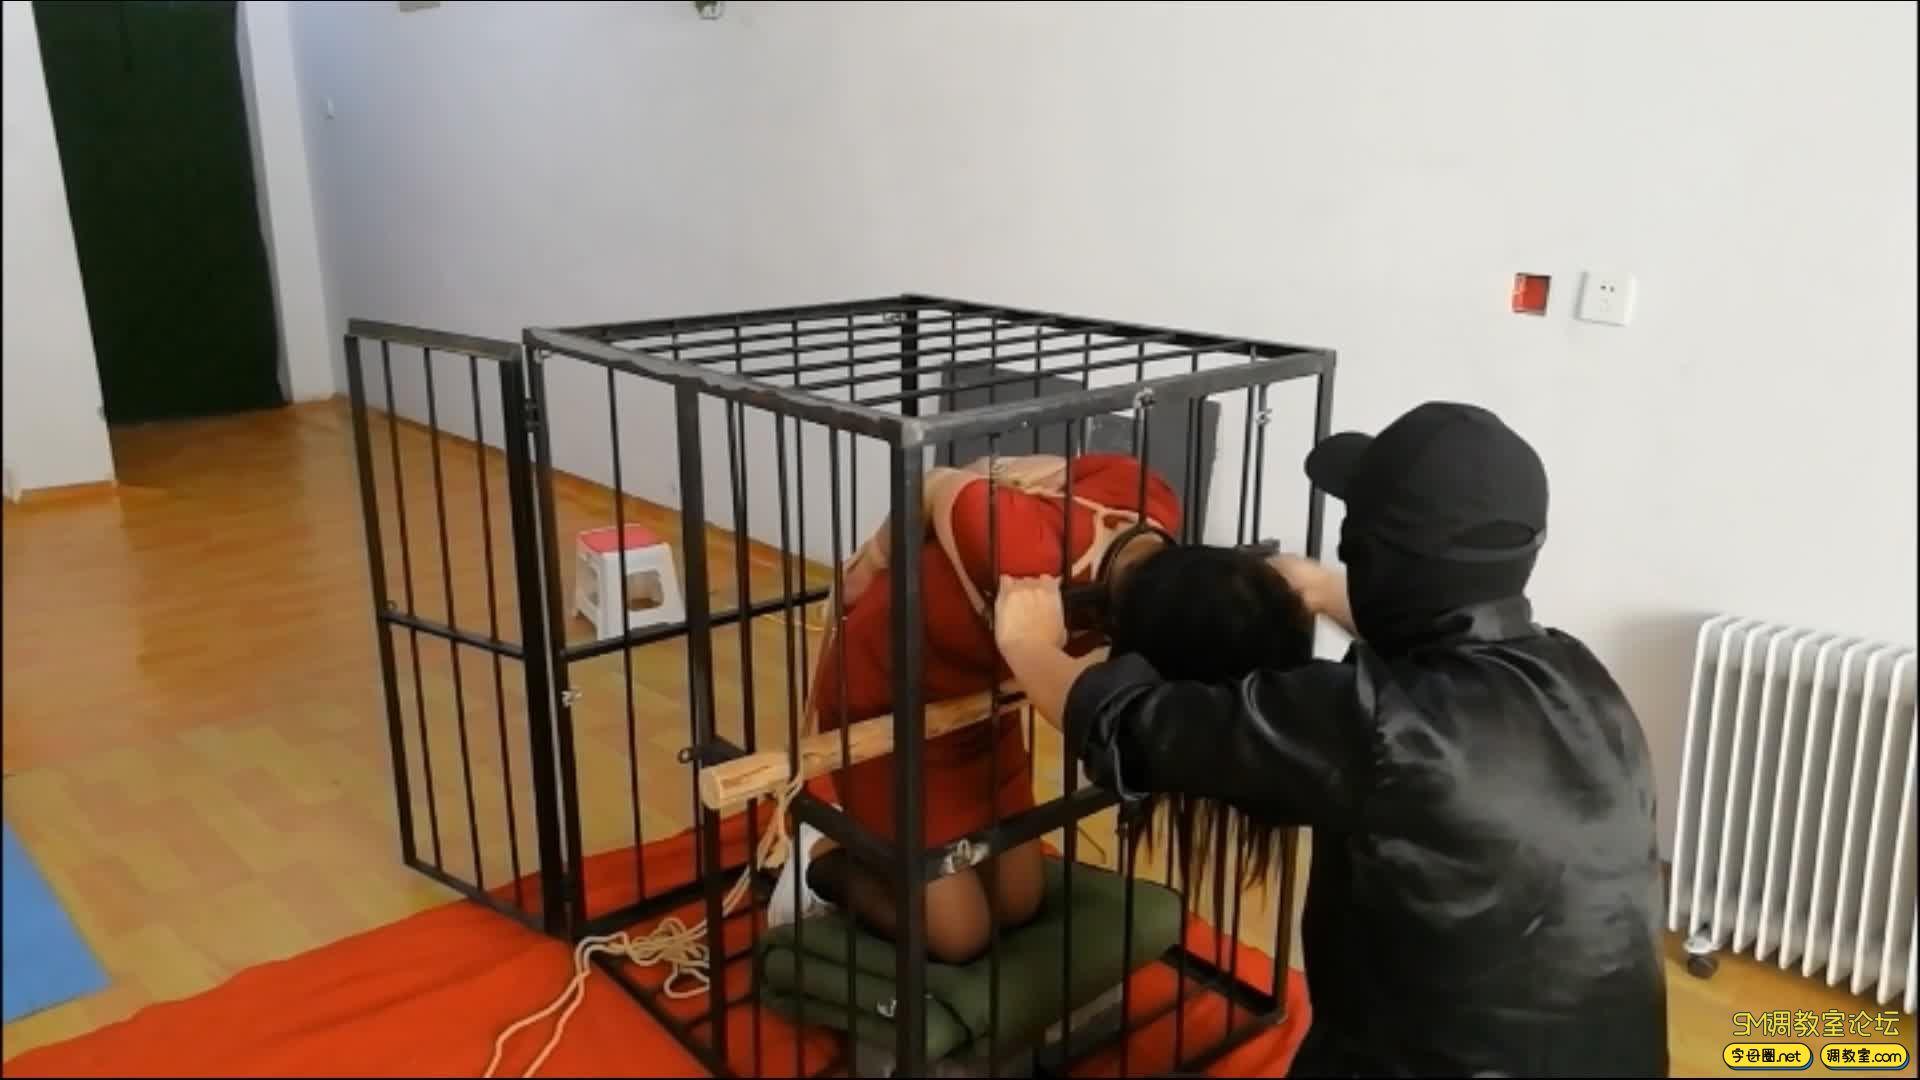 飞天原创 以绳会友,奴性十足的M体验残酷的笼子直臂跪立吊缚-视频截图4